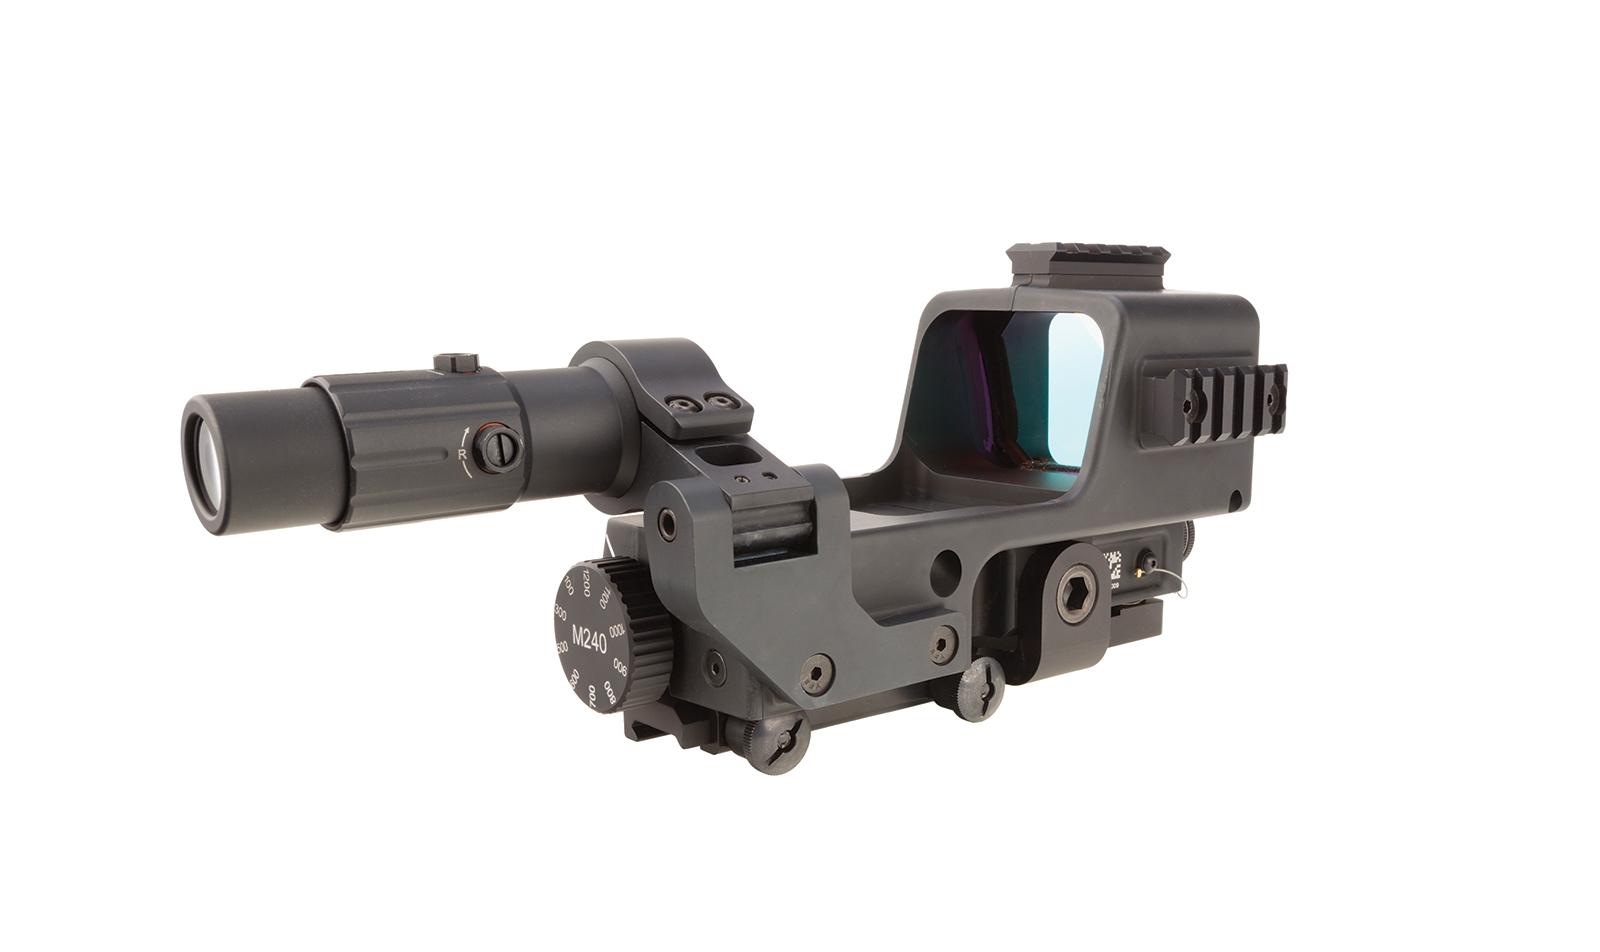 MGRS-D-2300005 angle 5